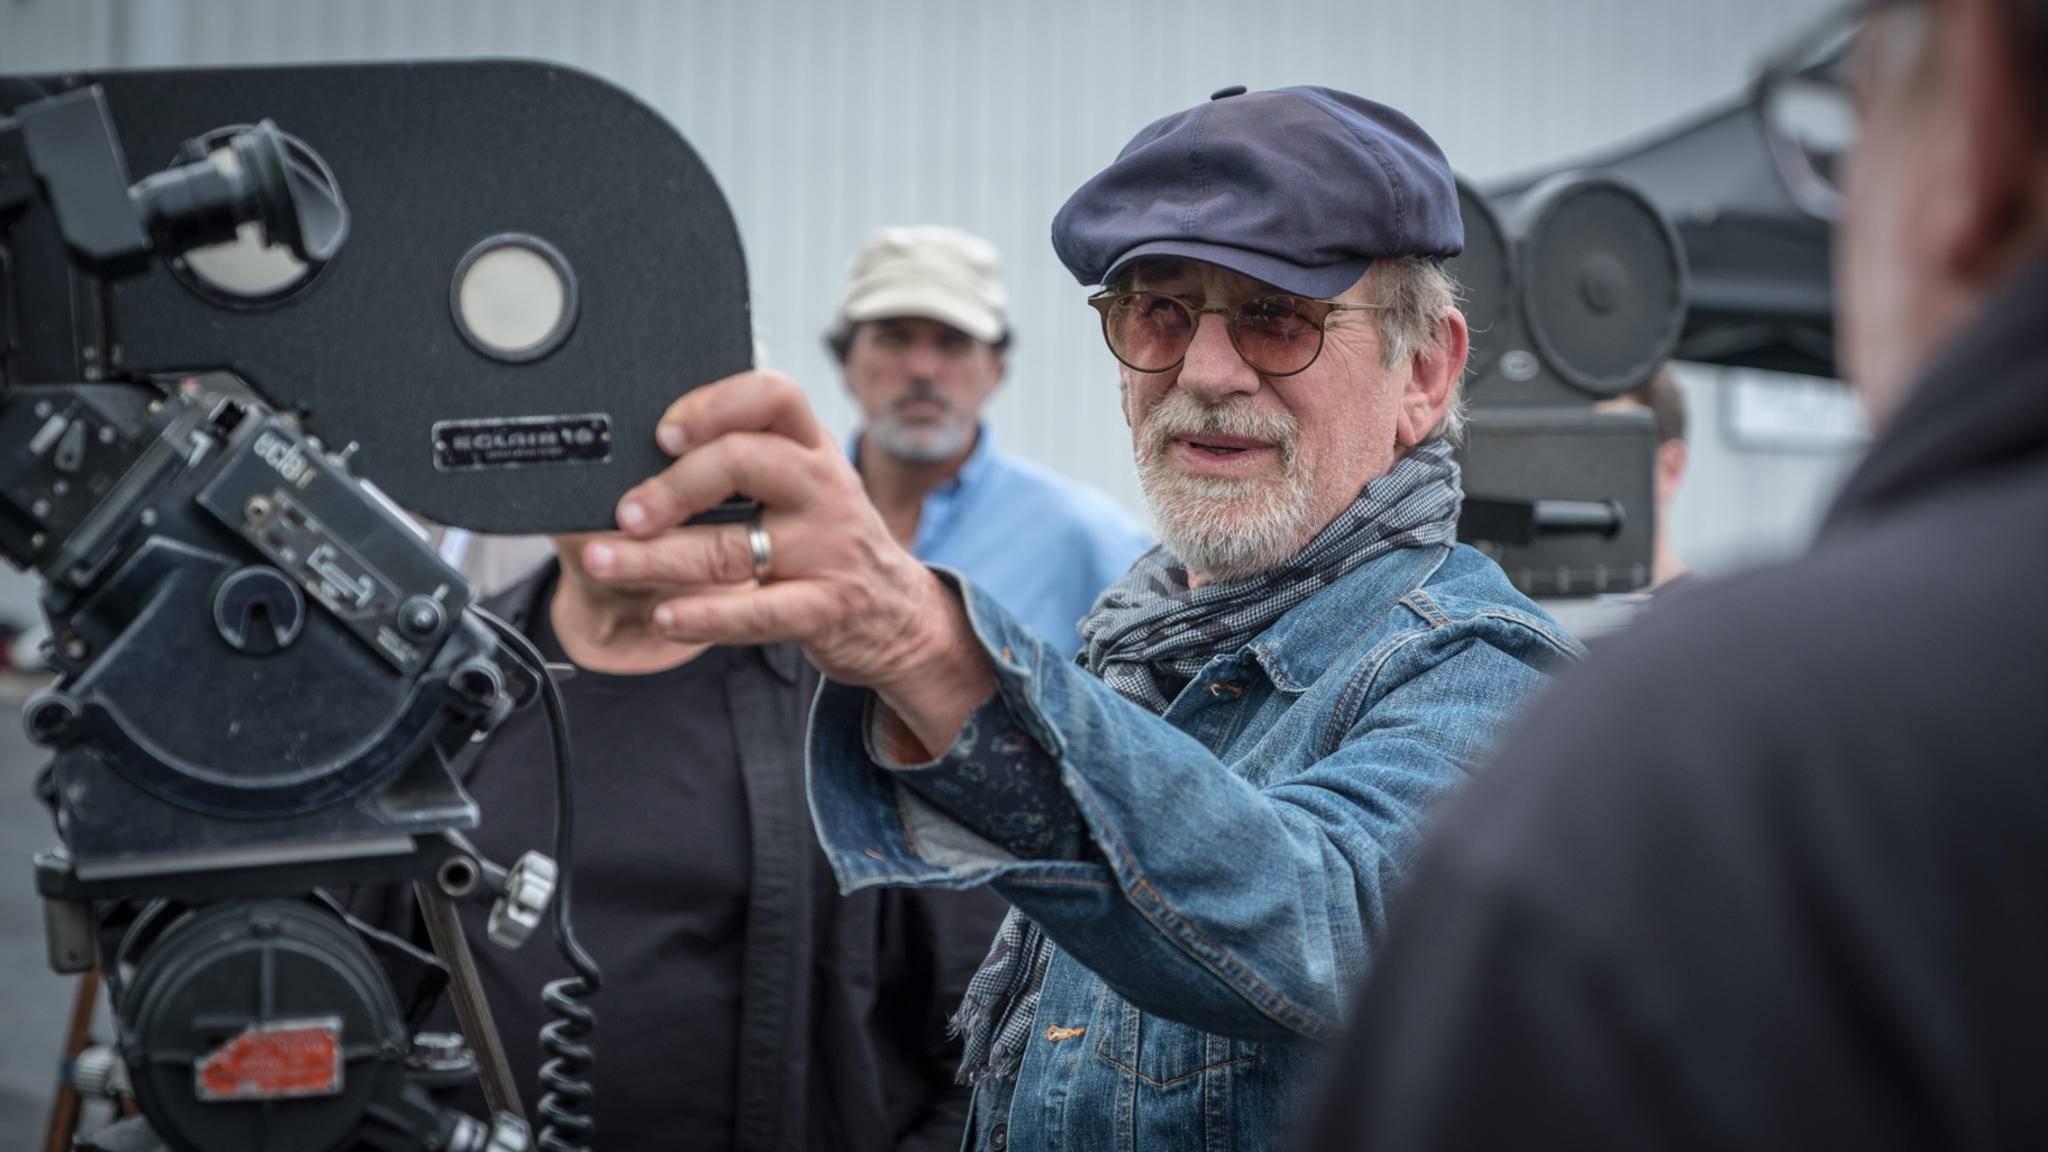 Steven Spielberg beweist Vielseitigkeit in seiner Filmografie.